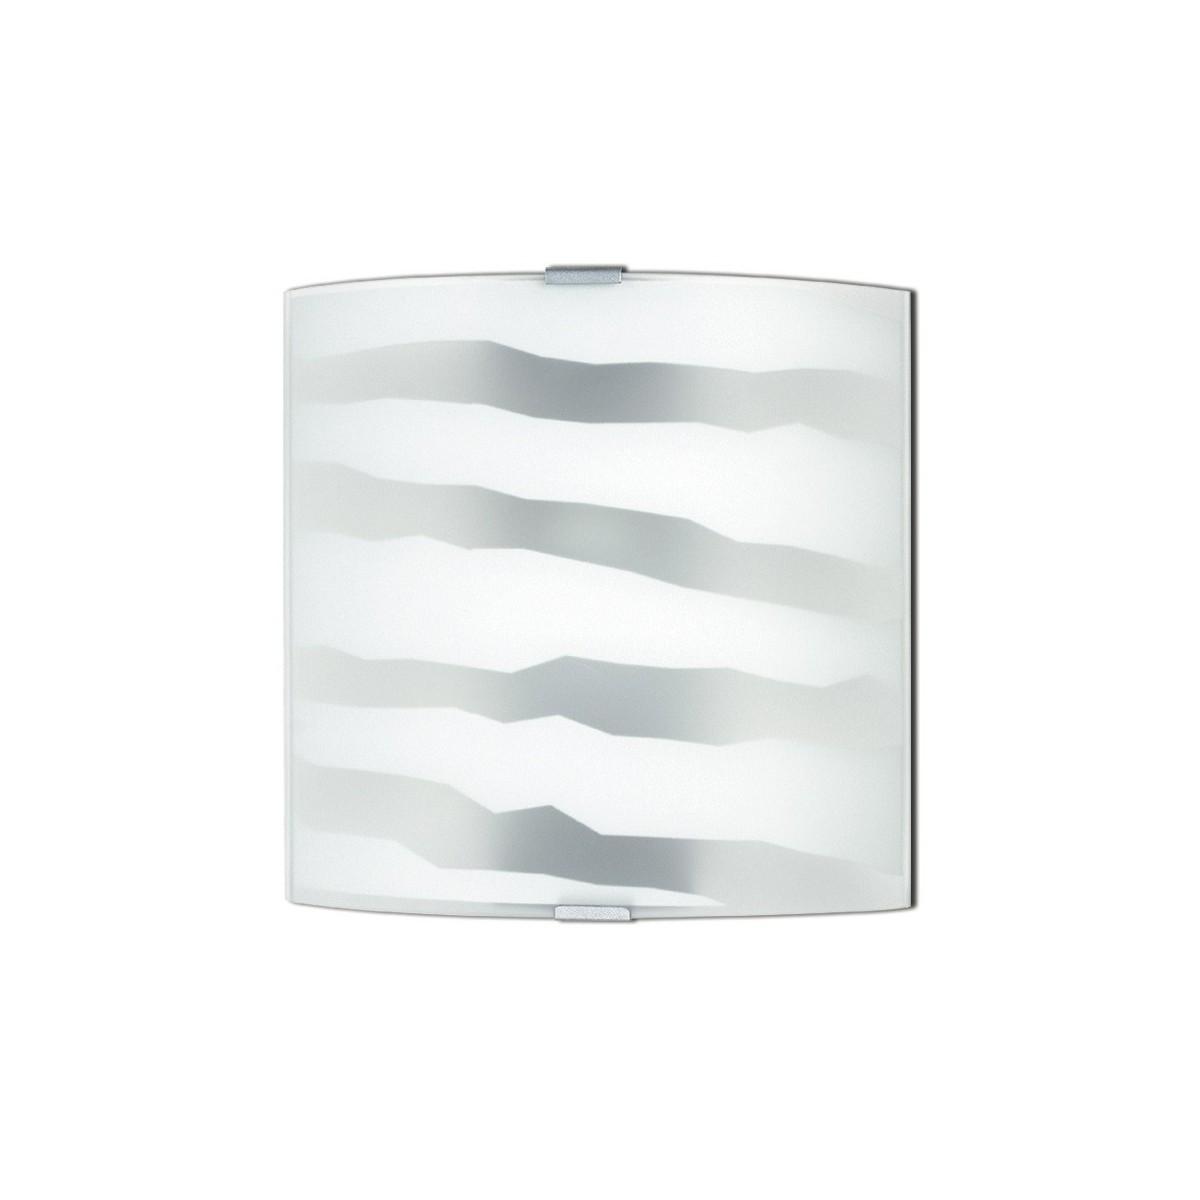 44/01100 - Applique Vetro Bianco decoro Zebrato Cromo Lampada Moderna E27